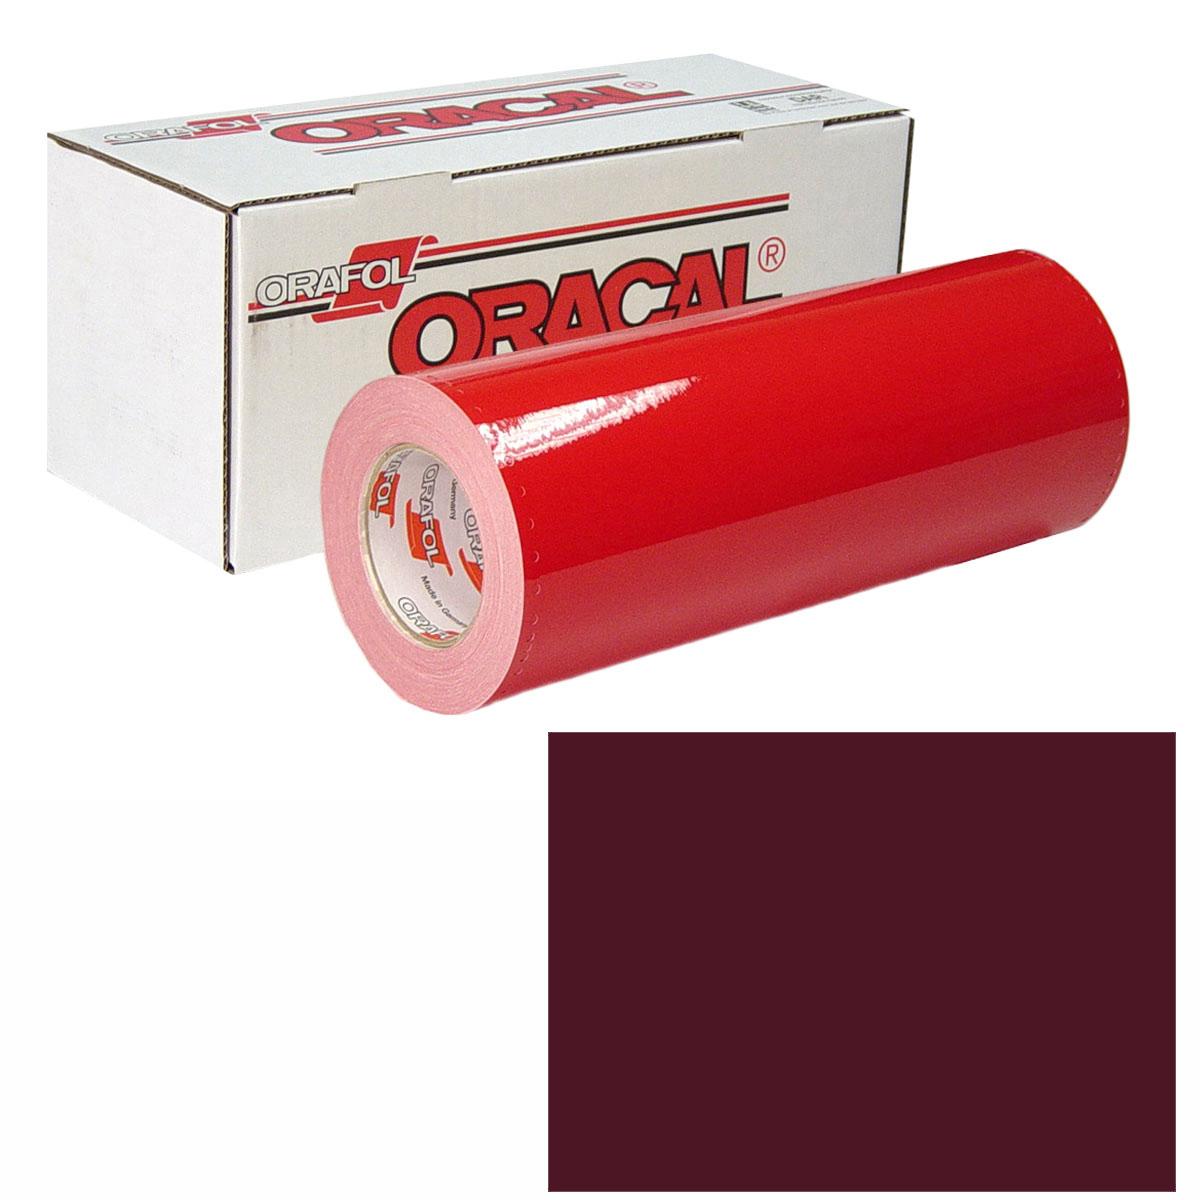 Buy Oracal 951 30in X 10yd 340 Chestnut